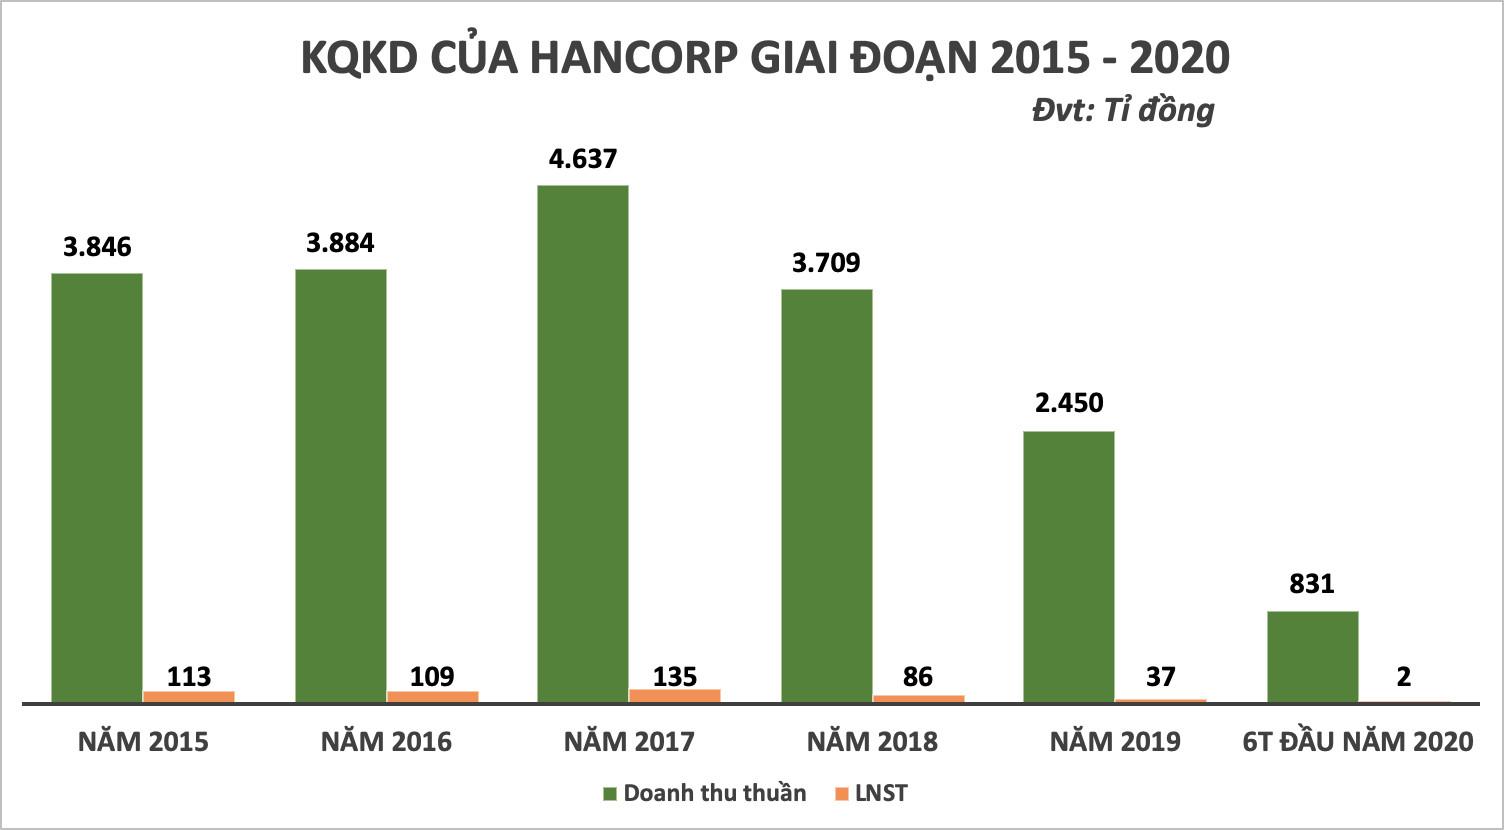 Cổ phiếu Hancorp bất ngờ tăng gấp đôi khi Bộ Xây dựng thoái vốn - Ảnh 2.